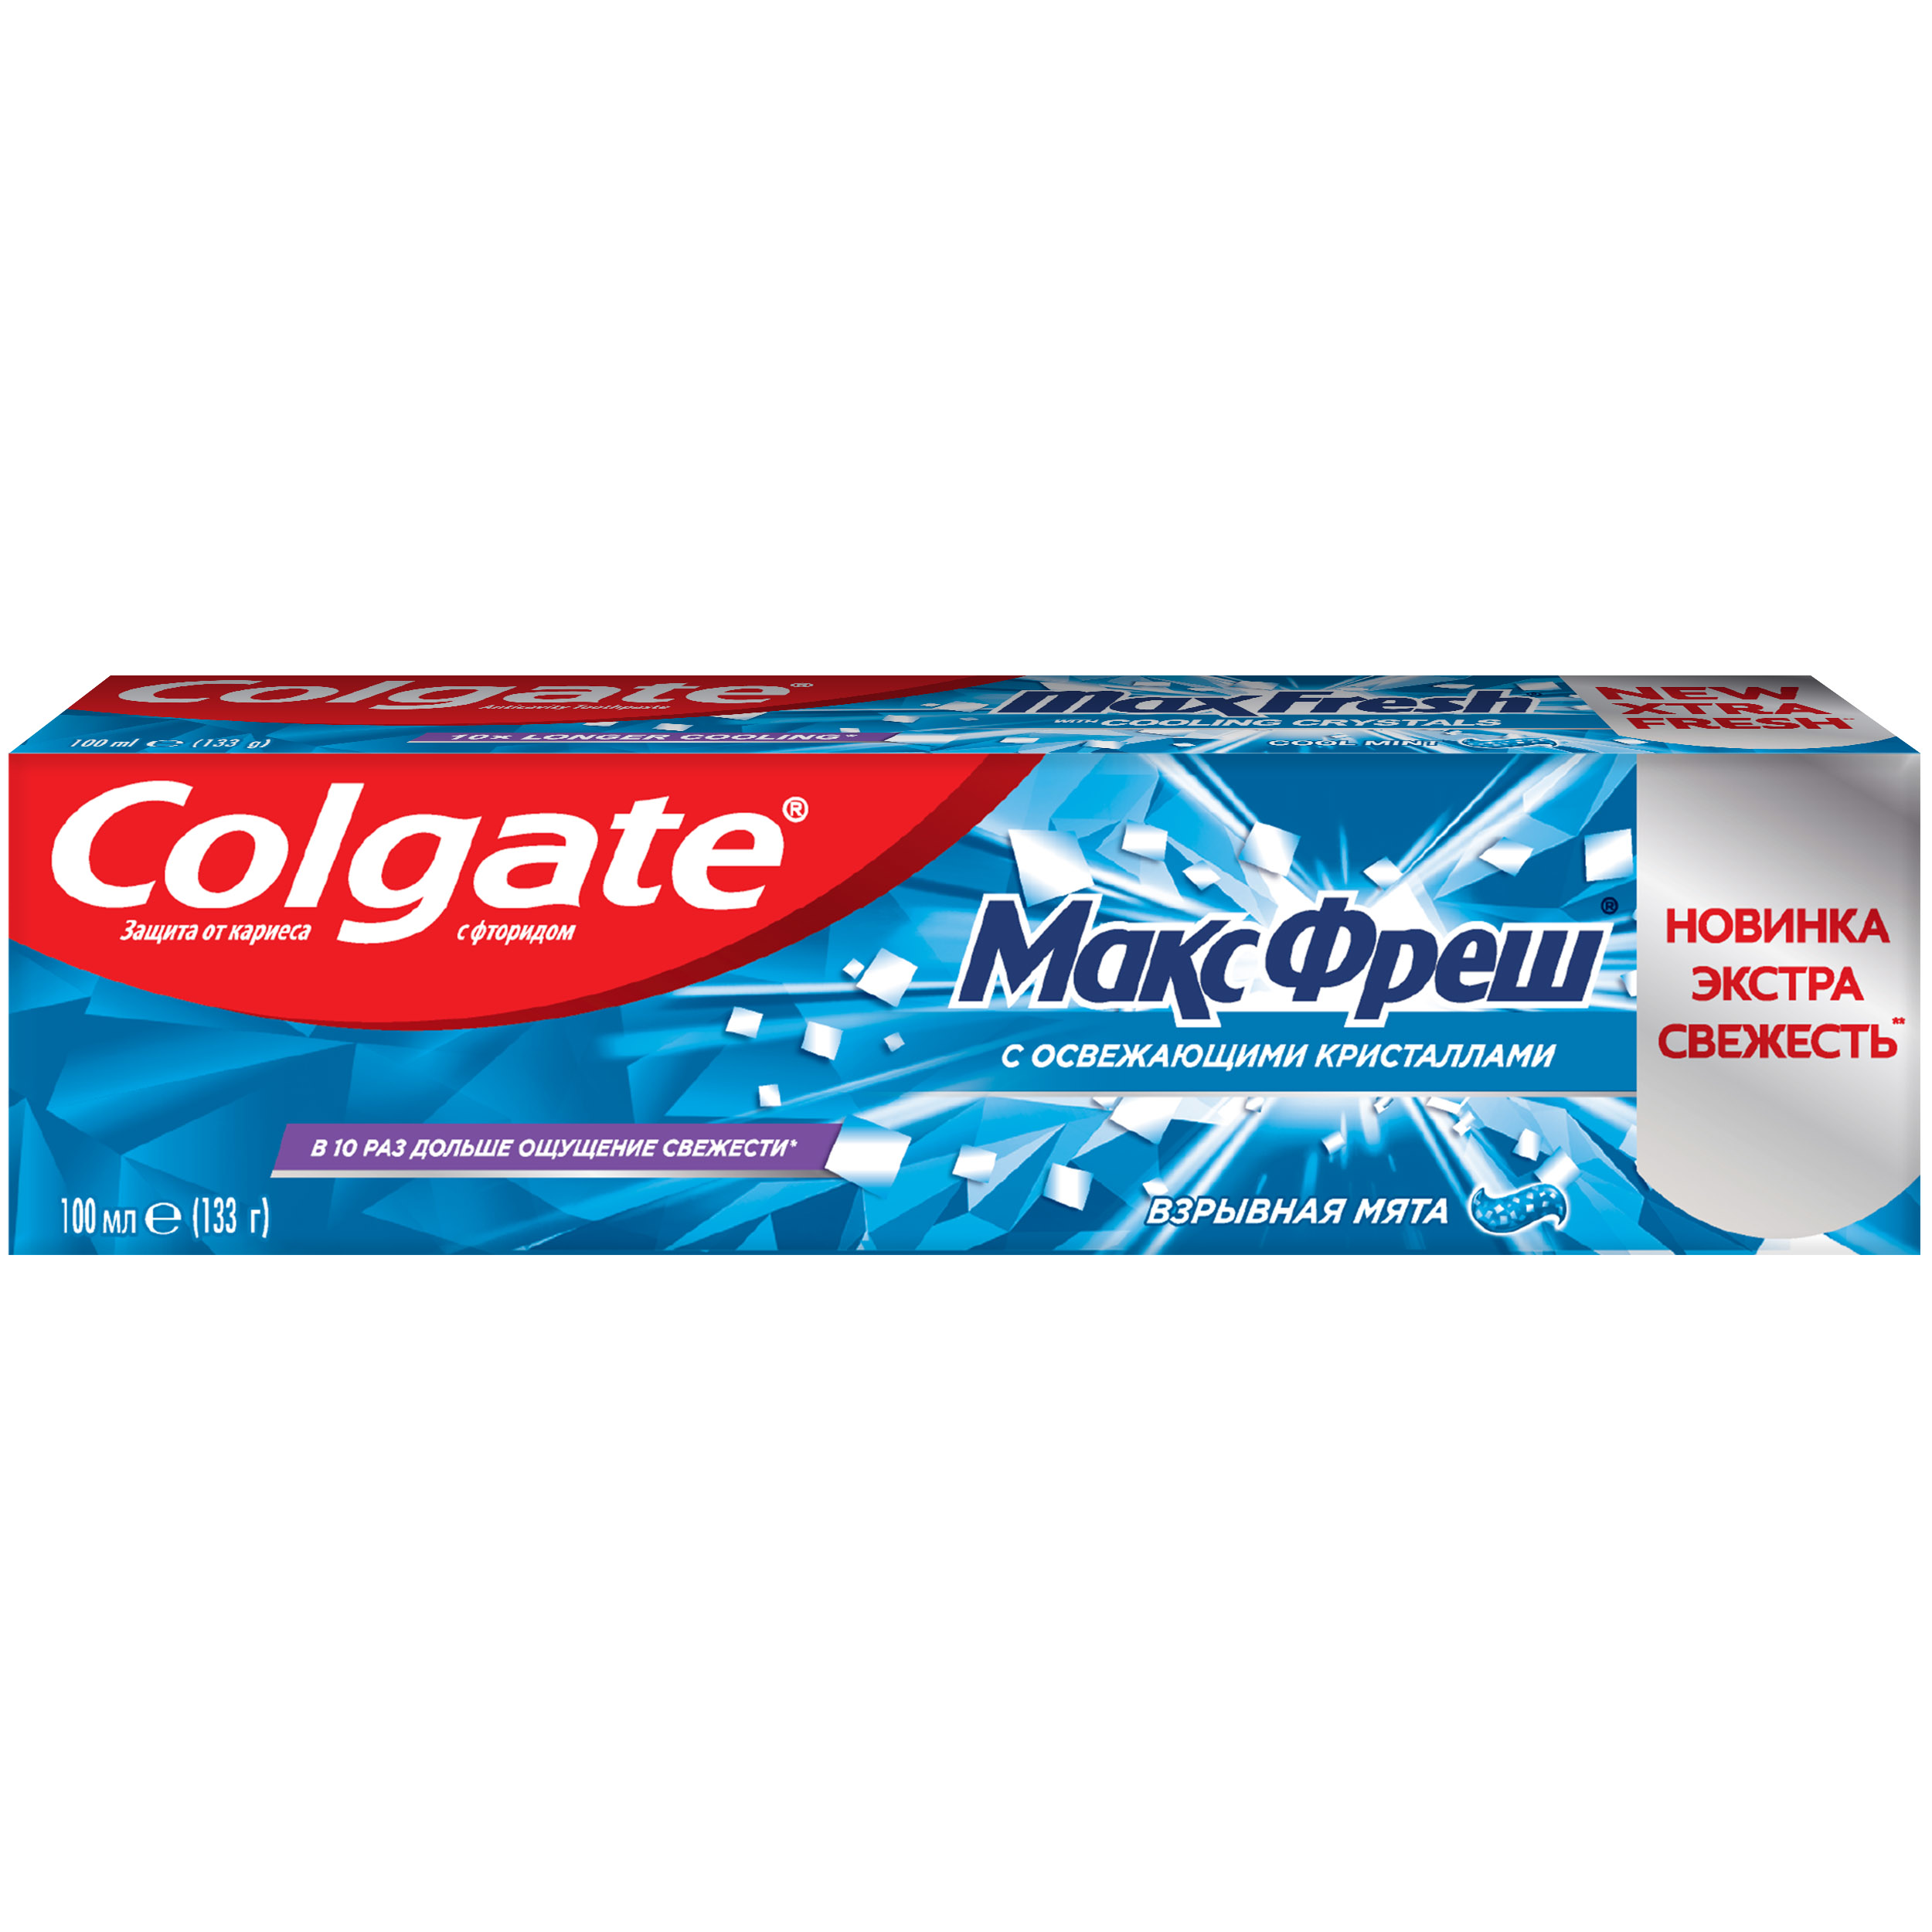 Зубная паста Colgate Макс Фреш Взрывная мята